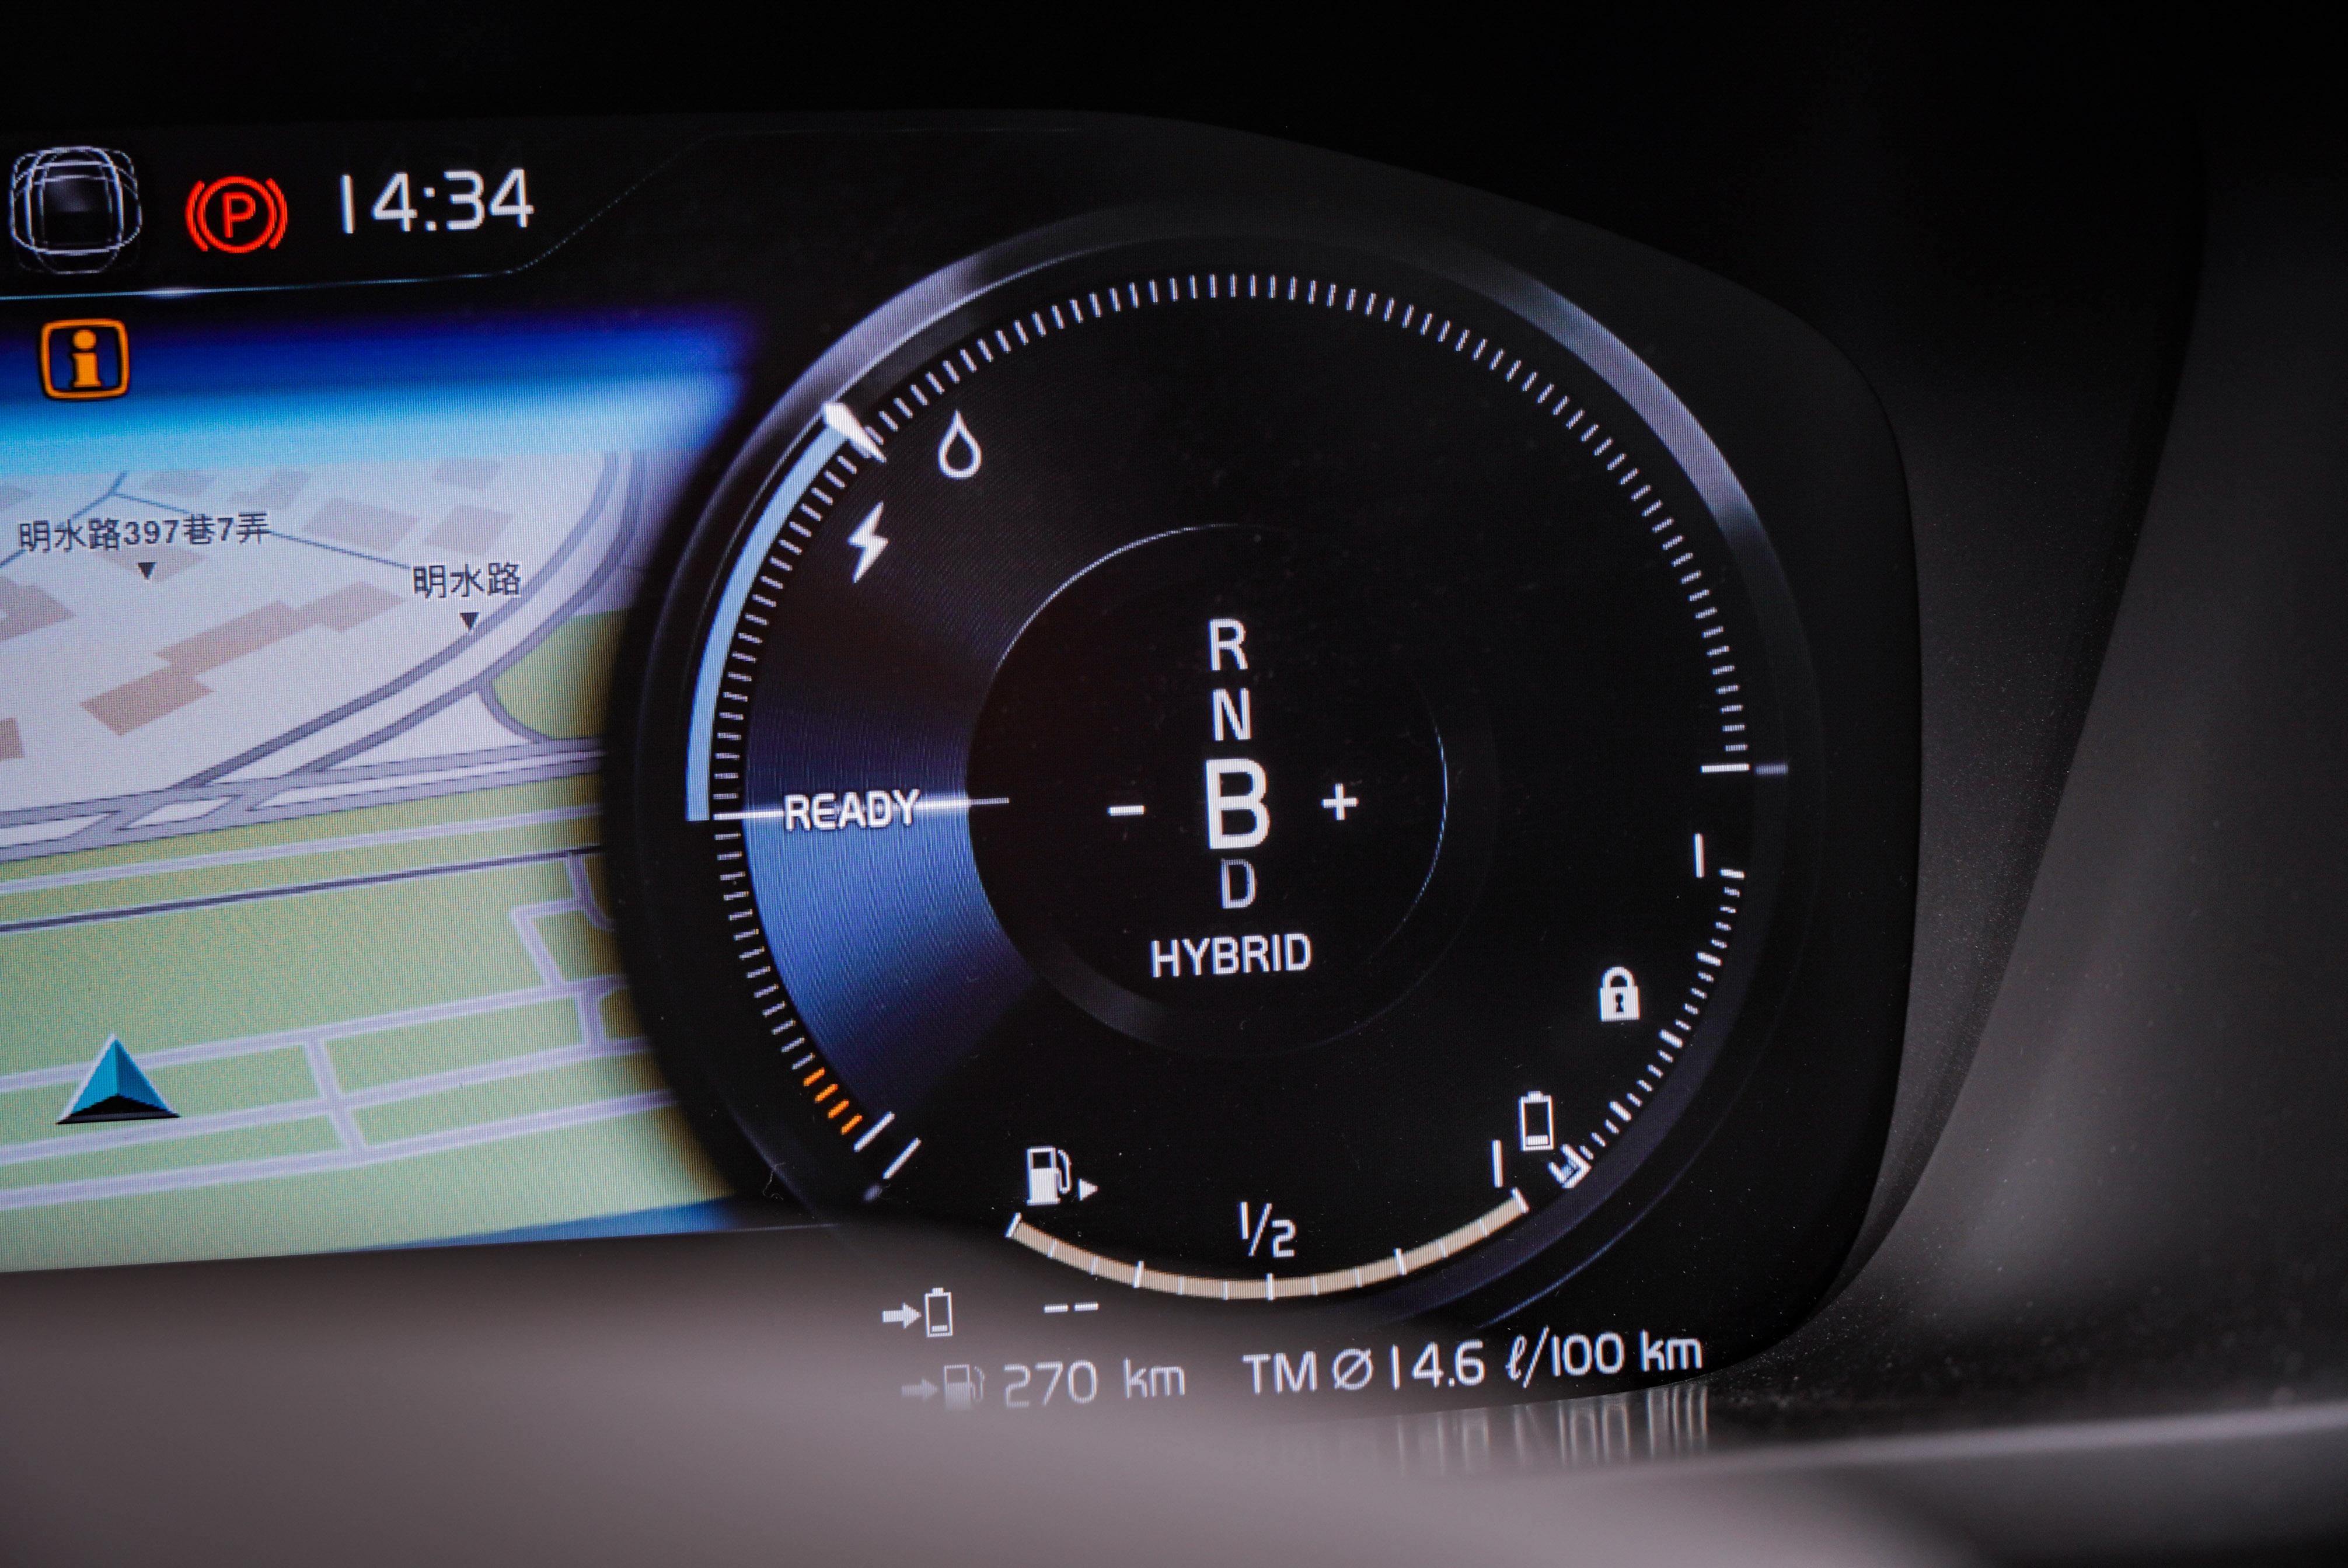 PHEV 車型擁有 B 檔,可調整收油時的電能回充力道。